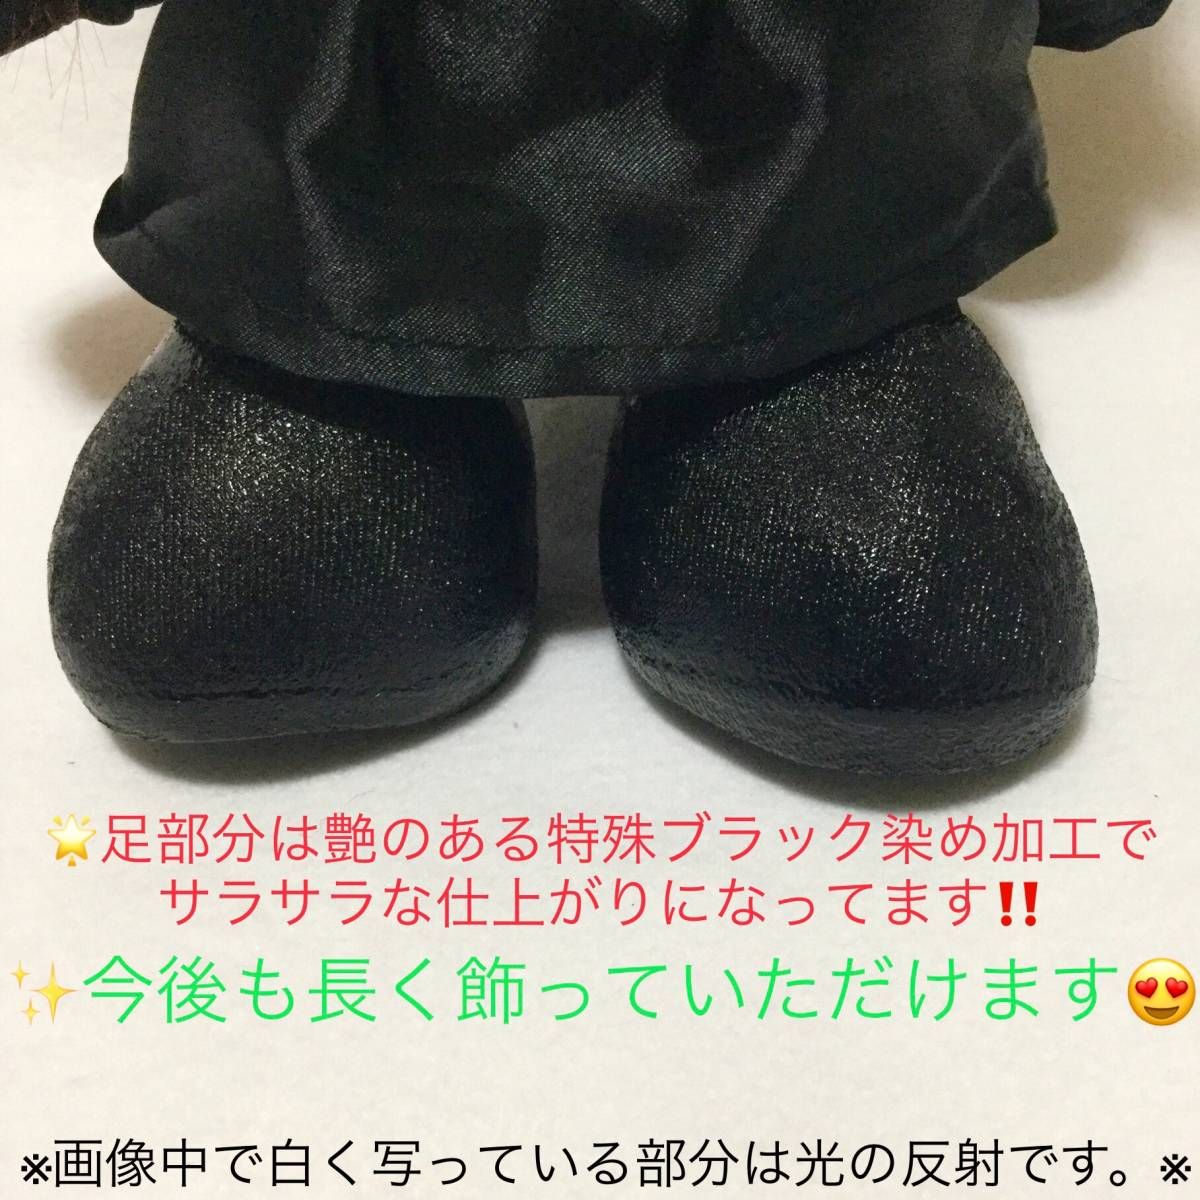 hide Yoshikiも持ってる DX ぬいぐるみ 特殊ブラック染め加工 参考( X JAPAN 人形 ギター イエローハート ライブ イベント メモリアル DVD_画像8